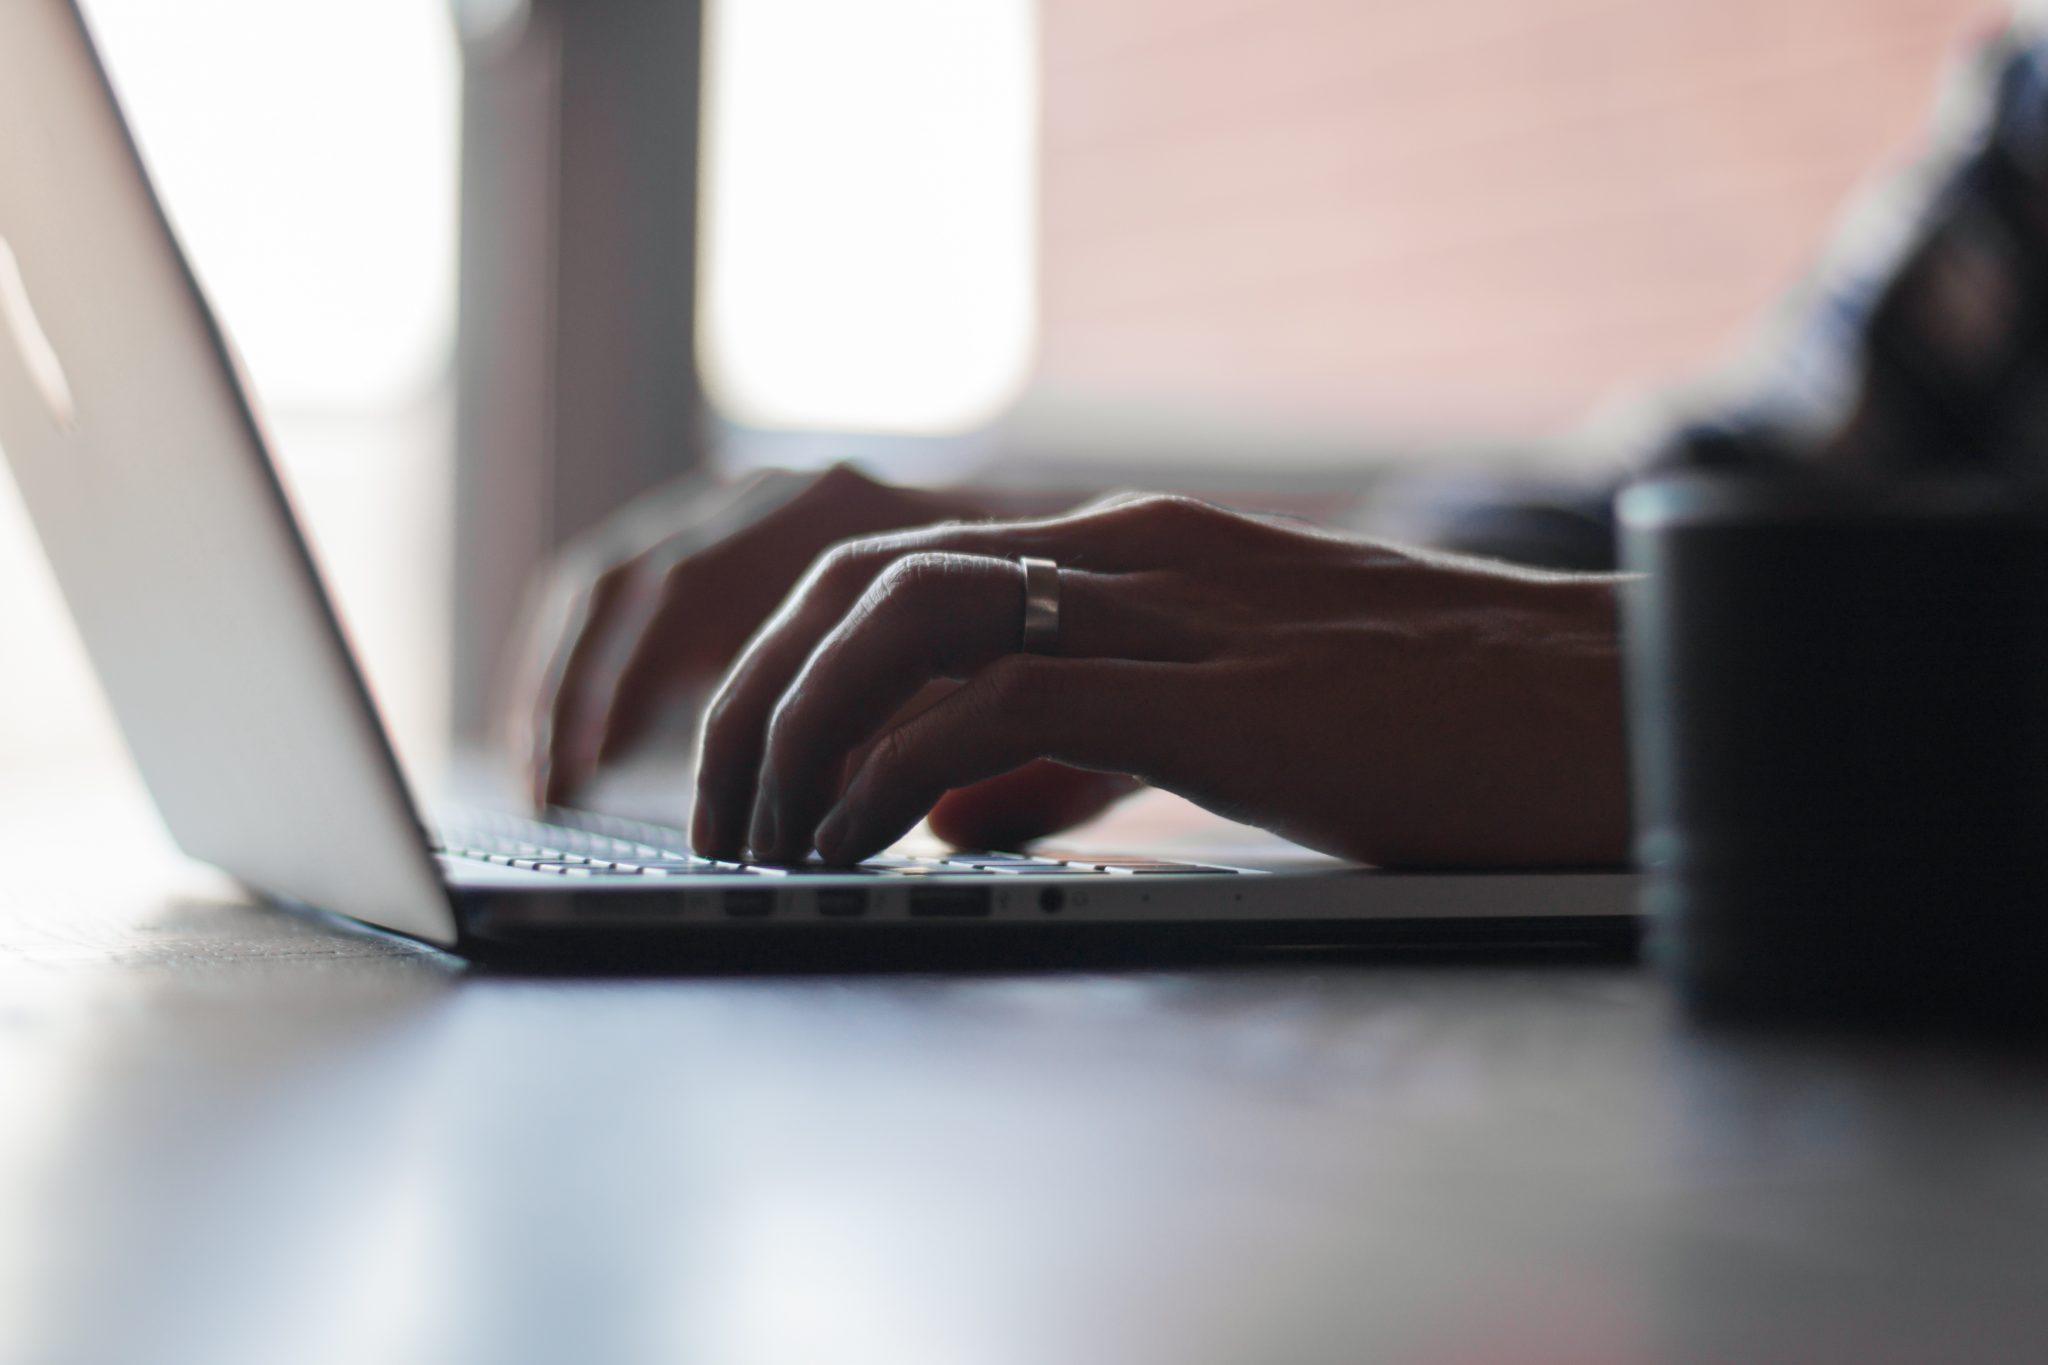 persona buscando en el ordenador las principales causas de reclamaciones laborales. foto de reclamador.es